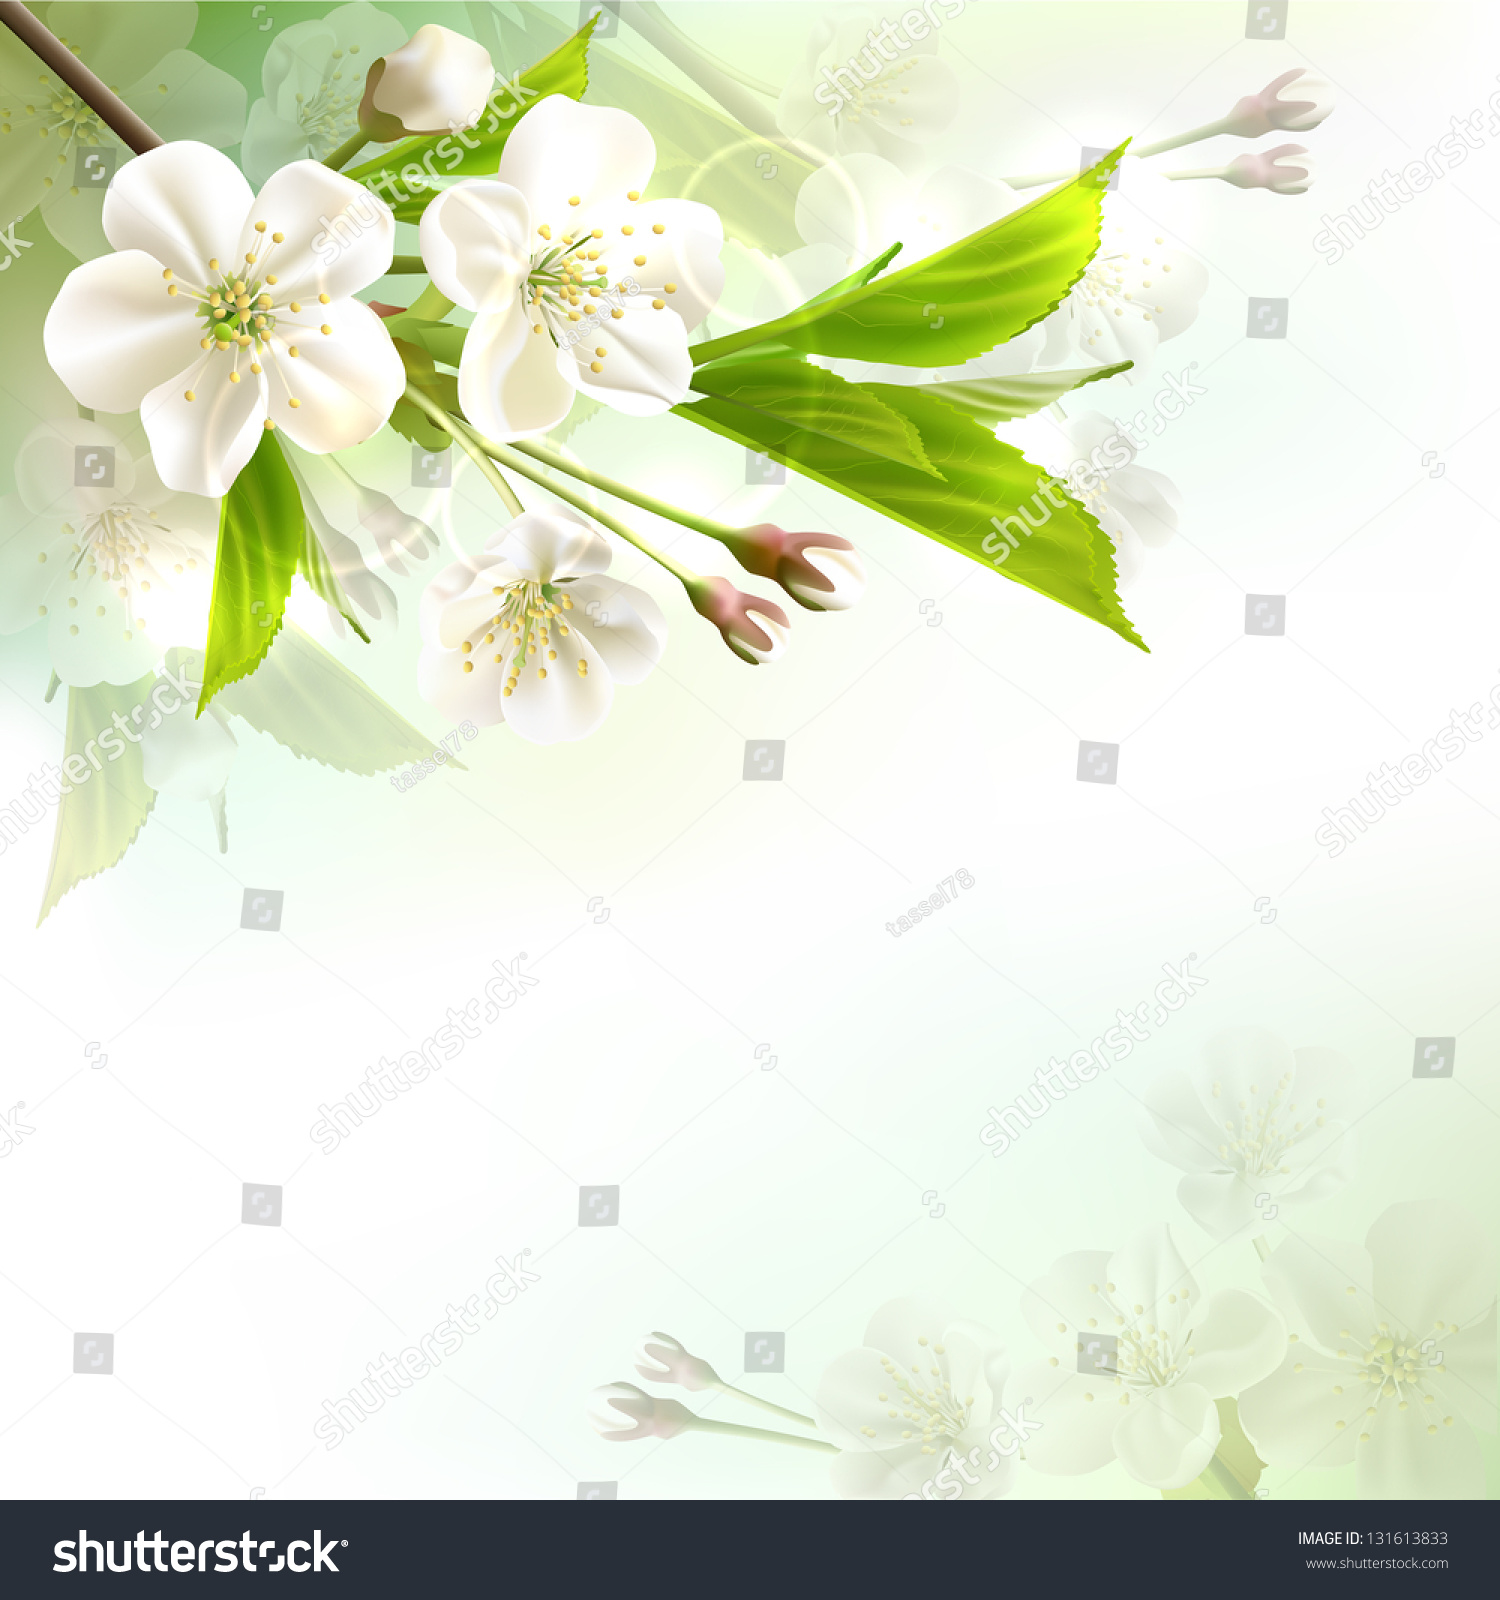 与白色的花朵开花树枝散景绿色背景.-背景/素材,自然